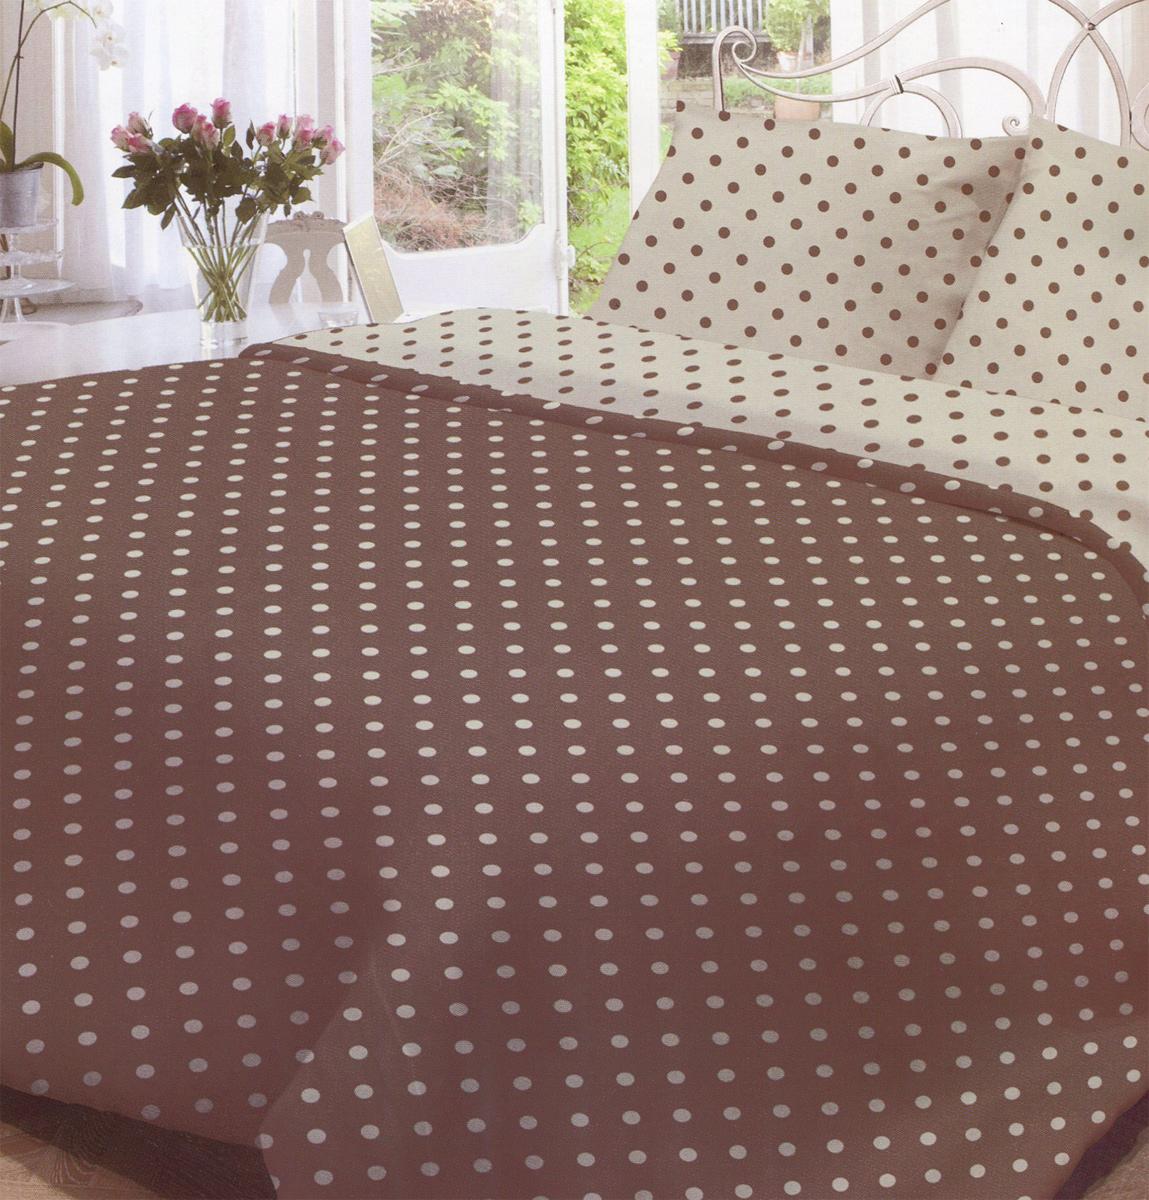 Комплект белья Нежность Мадлена, 2-спальный, наволочки 70x70, цвет: серый, коричневый188432Комплект белья Нежность Мадлена, изготовленный из бязи (100% хлопка), состоит из пододеяльника, простыни и двух наволочек. Бязевое постельное белье имеет самое простое полотняное переплетение из достаточно толстых, но мягких нитей. Стоит постельное белье из этой ткани не намного дороже поликоттона или полиэфира, но приятней на ощупь и лучше пропускает воздух. Благодаря современным технологиям окраски, белье не теряет свой цвет даже после множества стирок. Рекомендации по уходу: - Стирка при температуре не более 60°С, - Не отбеливать, - Можно гладить, - Химчистка запрещена.